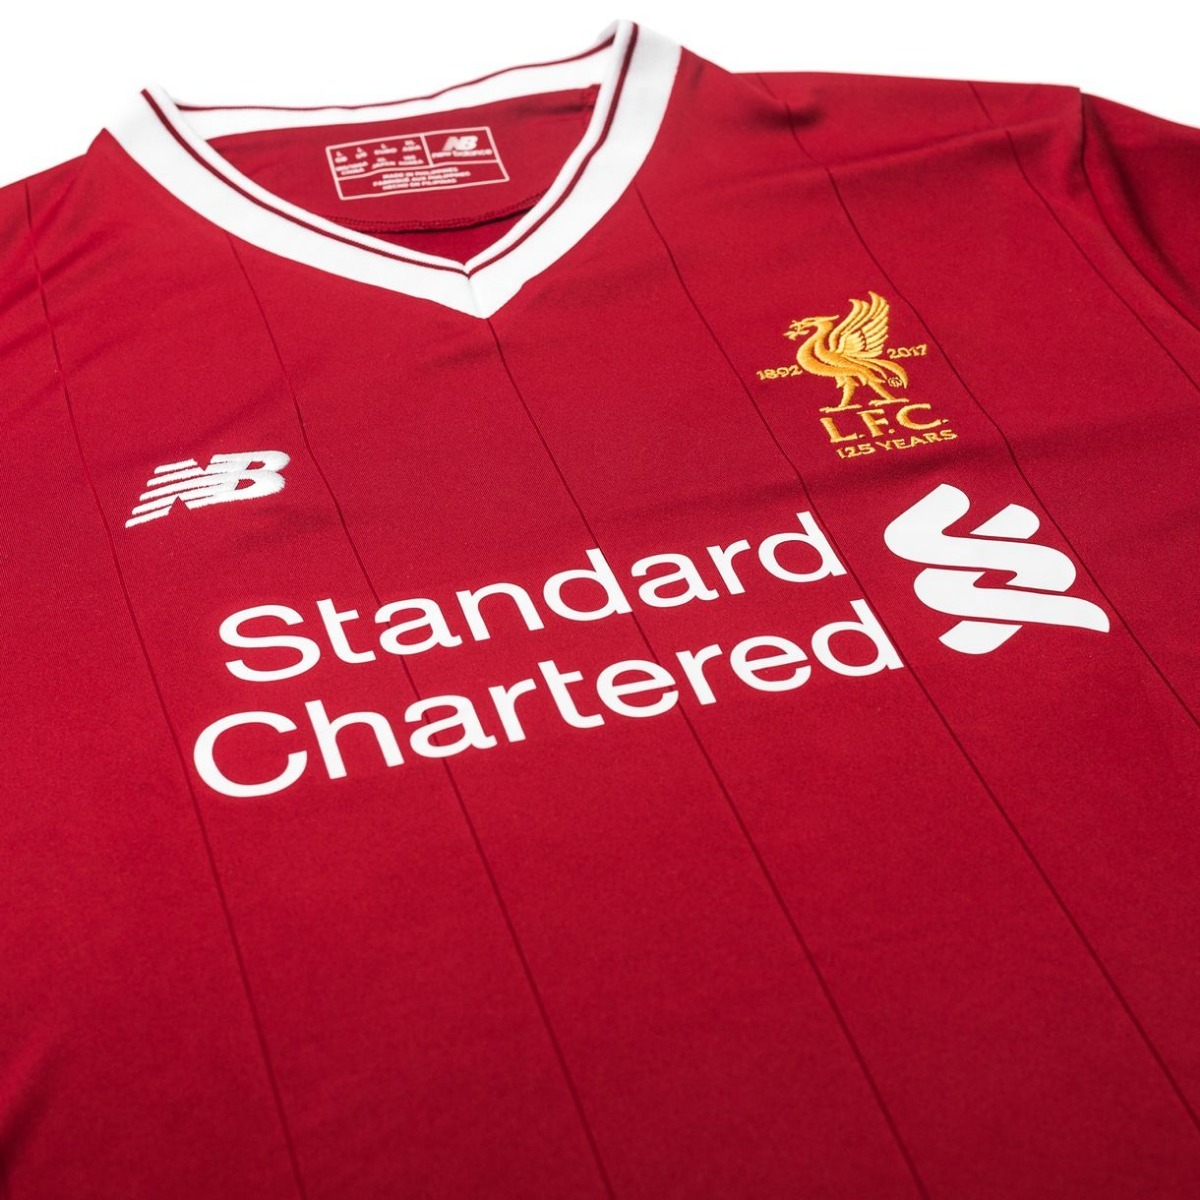 Camisa Liverpool New Balance 2018 Vermelha - Nº10 Coutinho - R  179 ... 958ef5d44a1d3